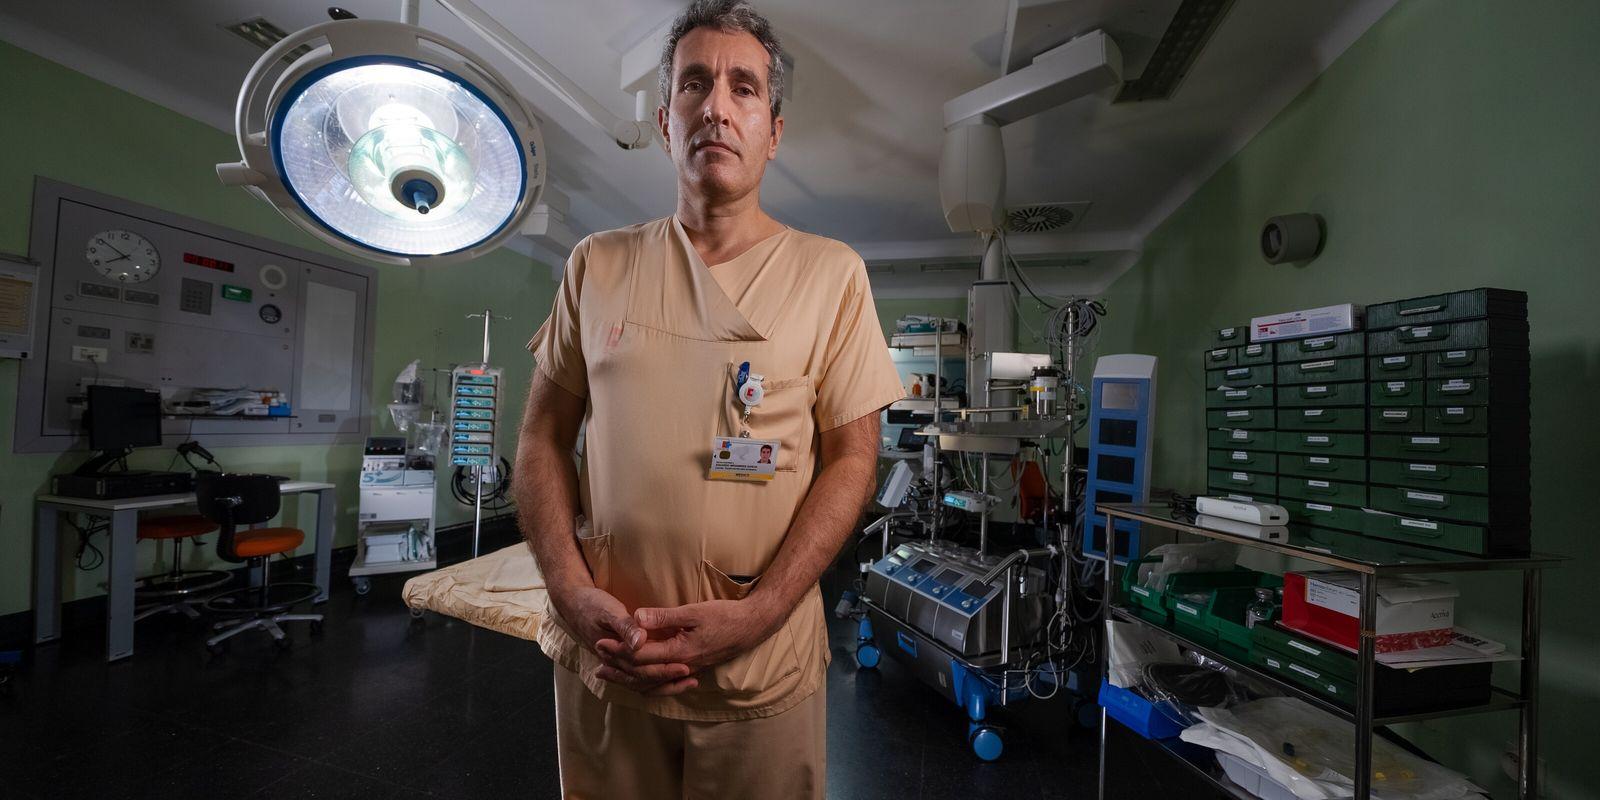 Ciencia de la vida: Trasplantes, estreno 31 de mayo a las 23.00h